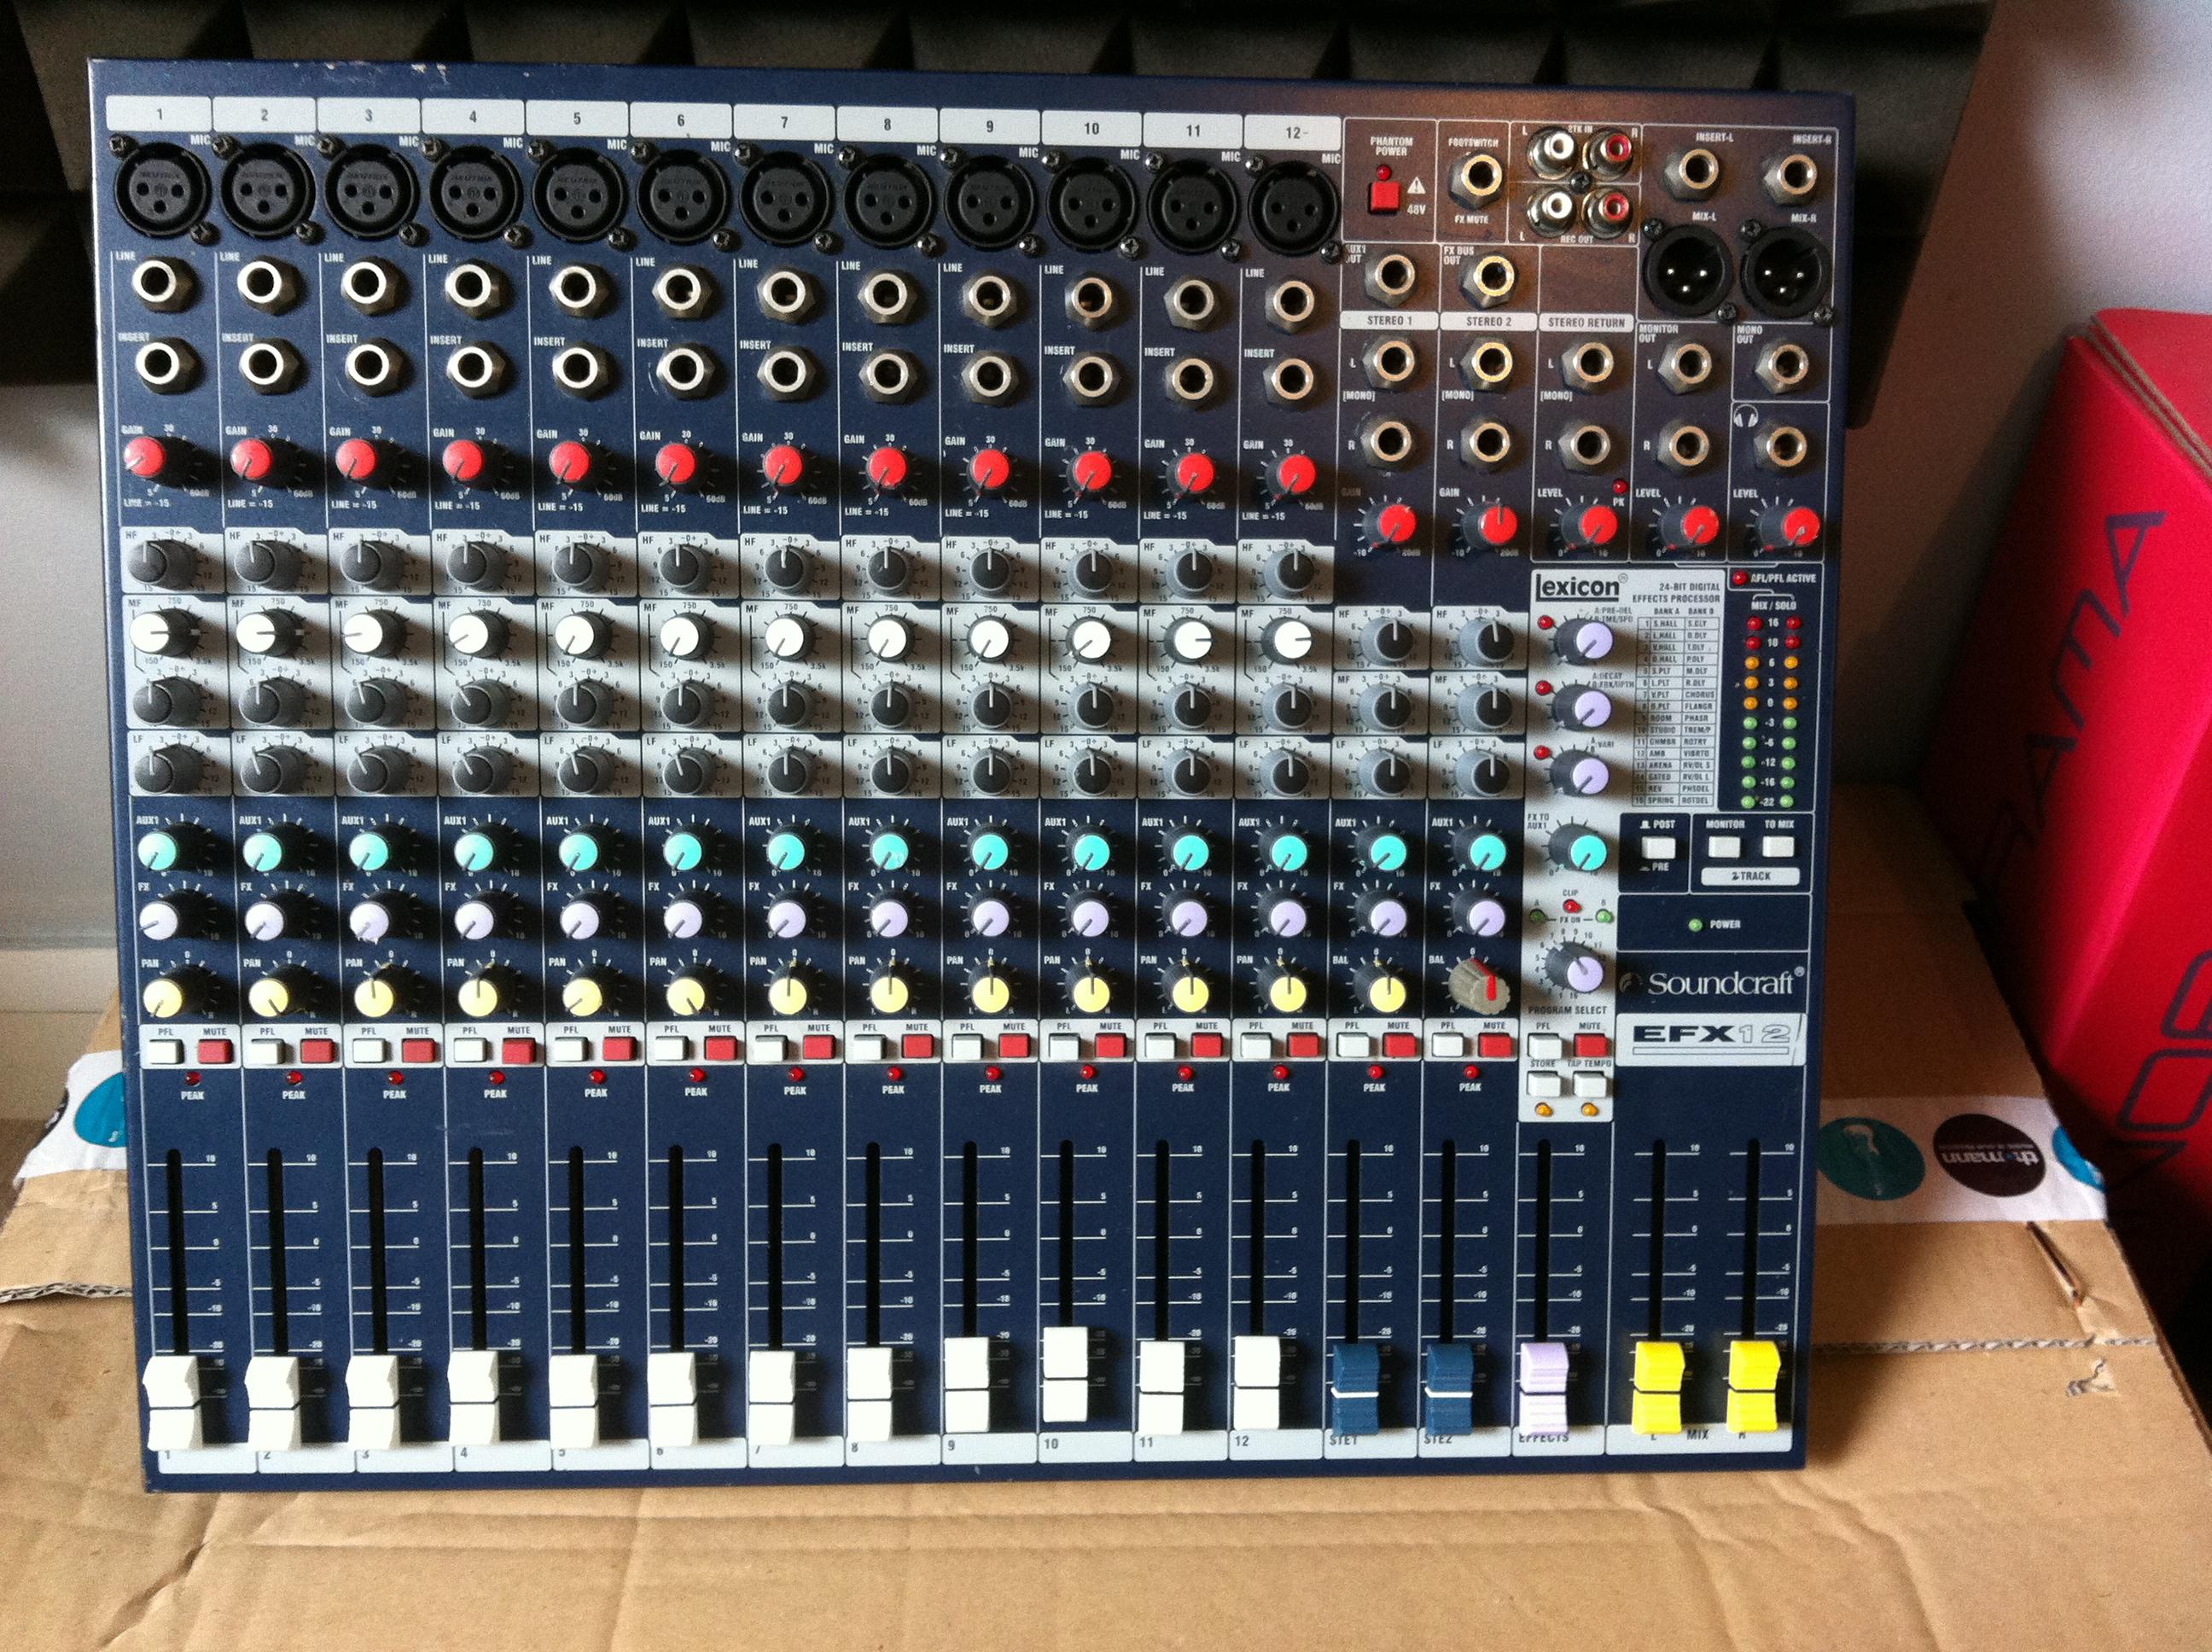 Photo soundcraft efx12 soundcraft efx12 71922 1825712 audiofanzine - Console analogique occasion ...